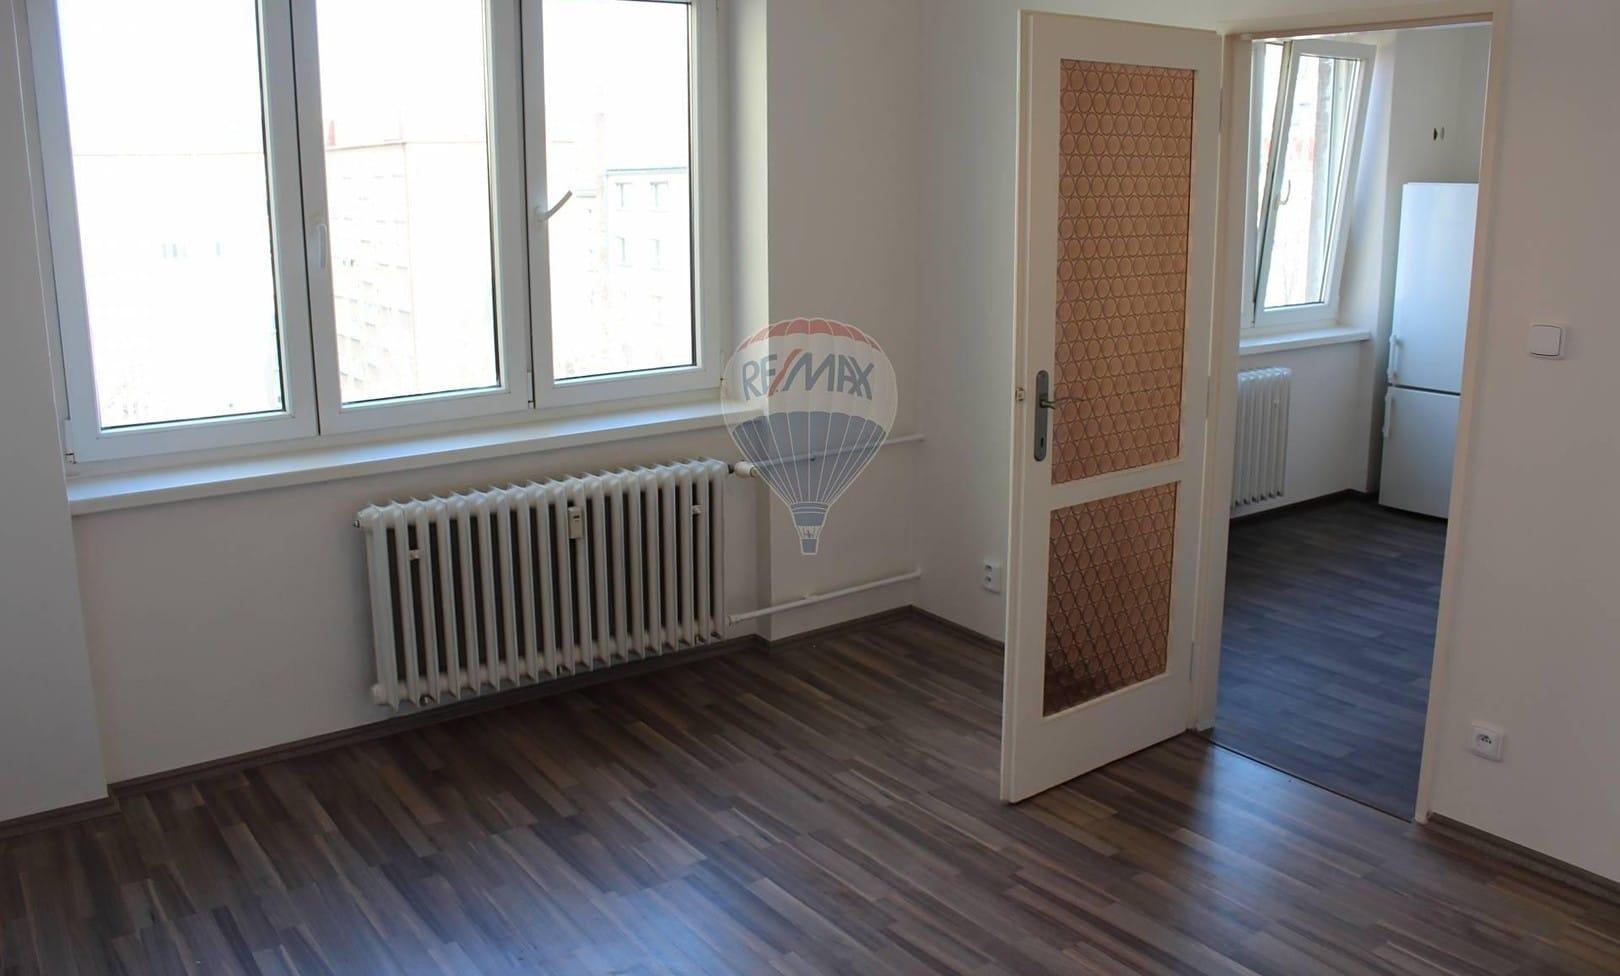 למכירה דירת 2+1 בשטח של 52 מר בפראג 9 (3)